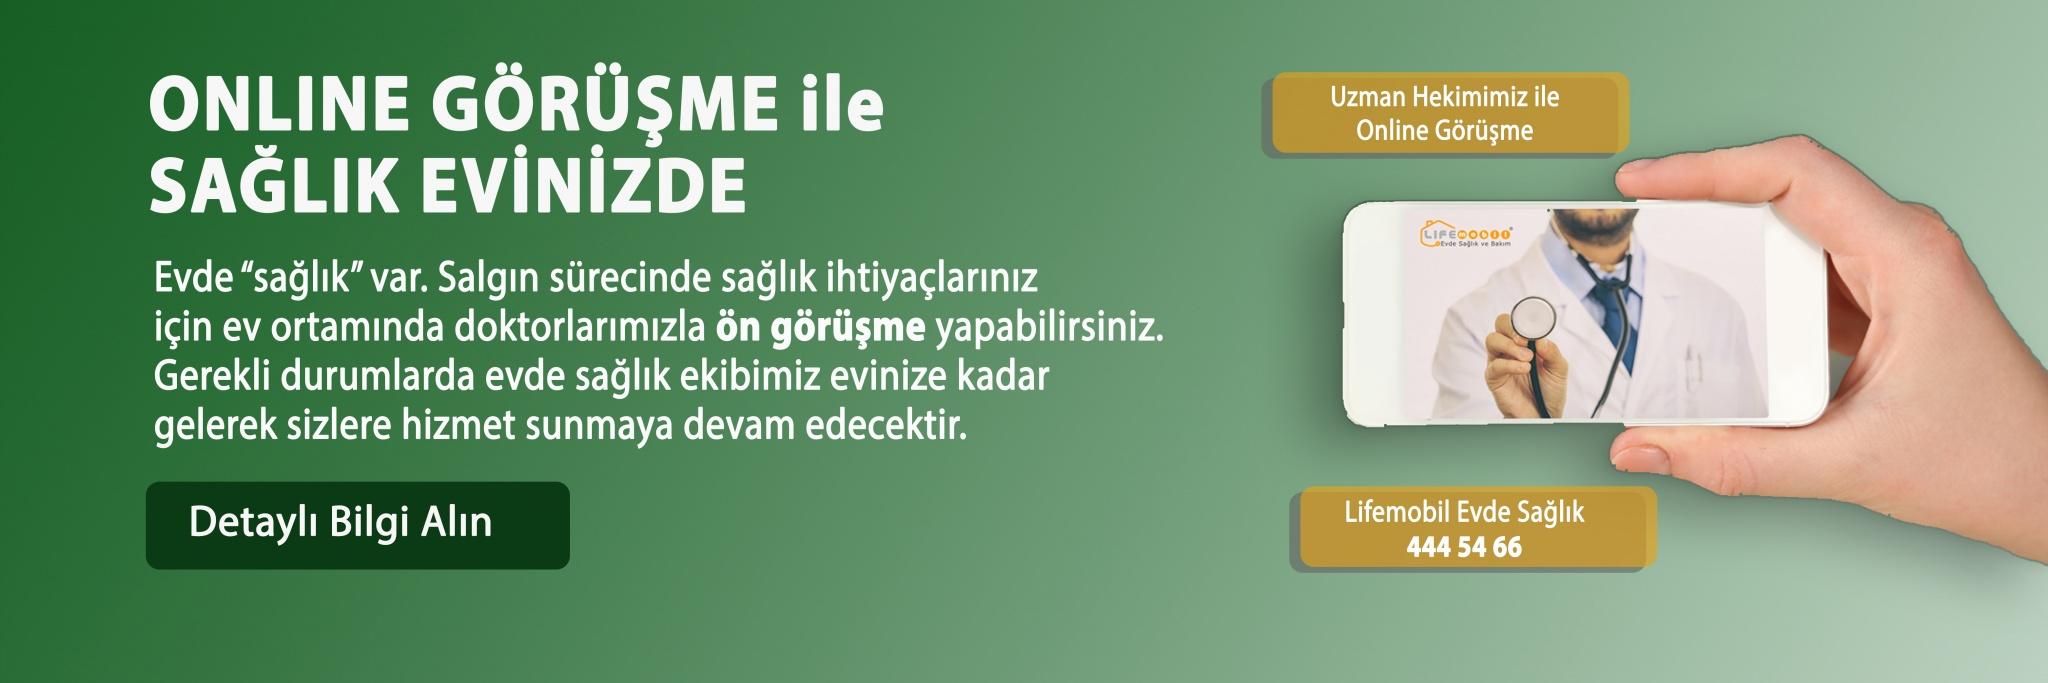 Online Görüşme